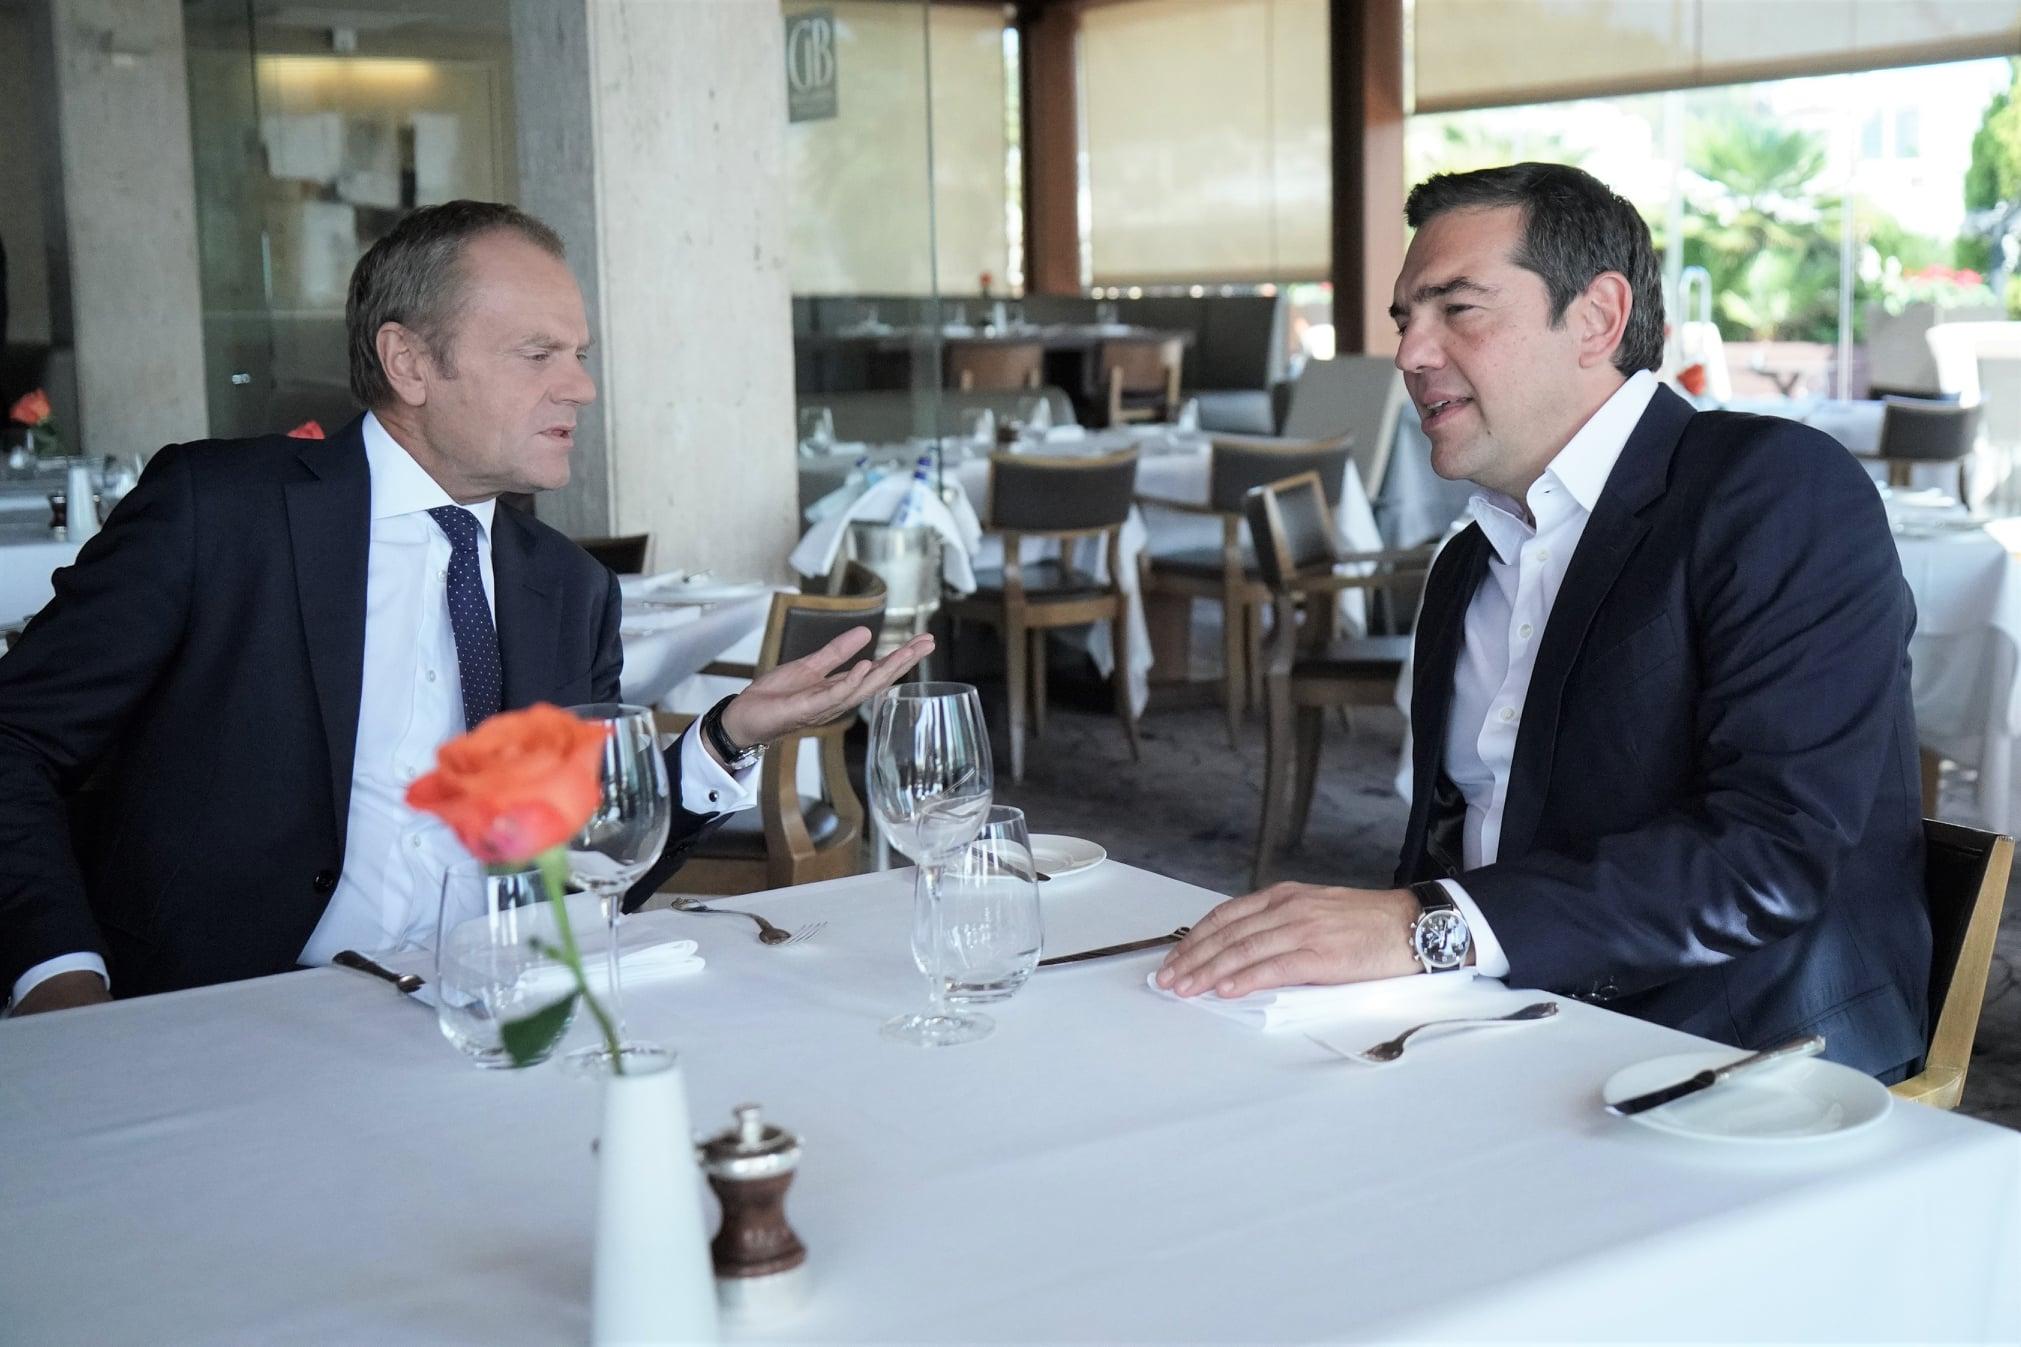 Γεύμα Τσίπρα – Τουσκ -Προσφυγική κρίση, Τουρκία και Brexit  στο μενού